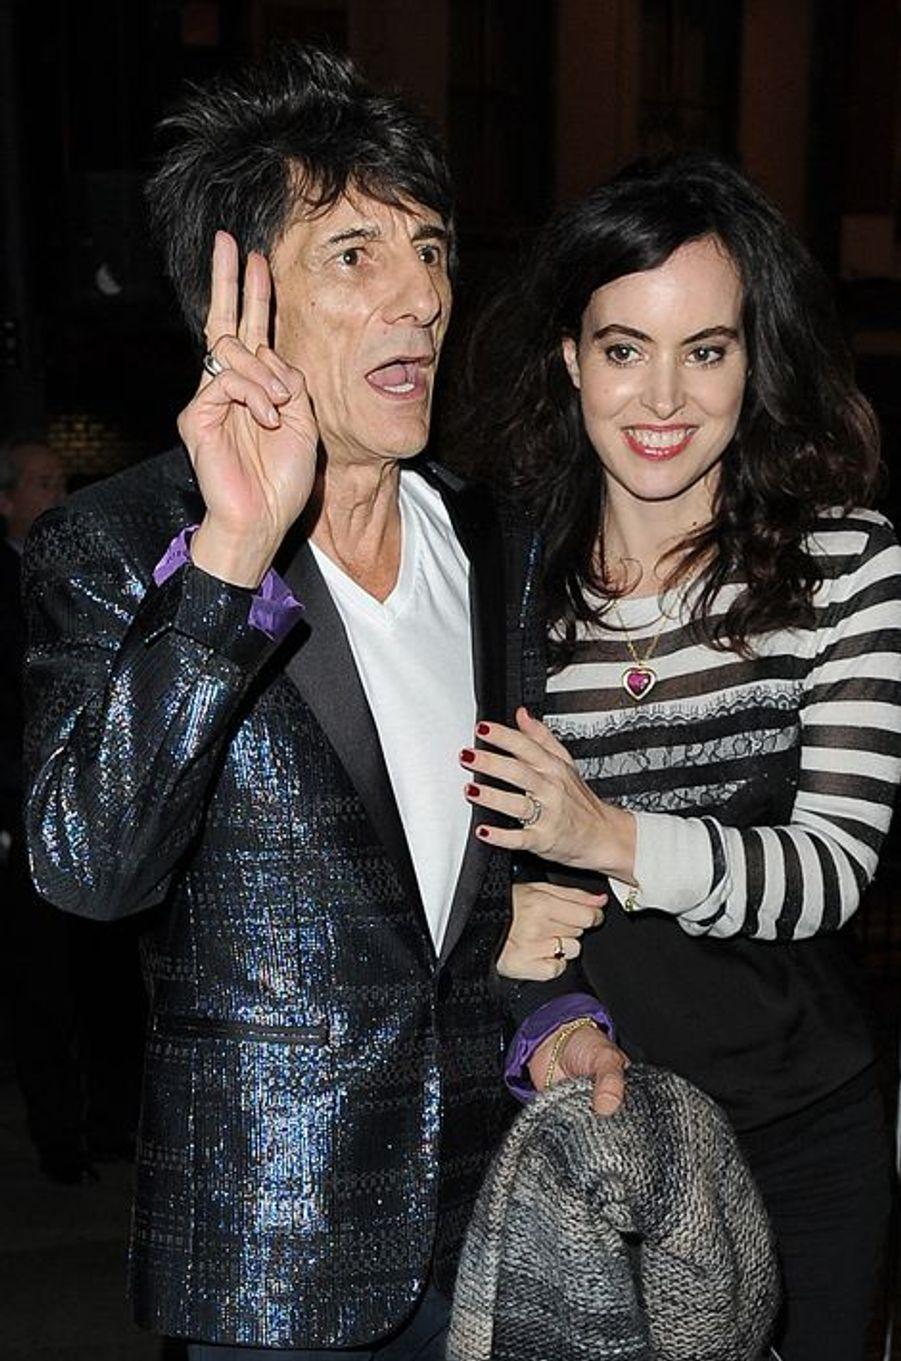 Ronnie Wood du groupe Rolling Stones et sa troisième femme, Sally Humphreys, attendent des jumeaux. Le rockeur de 68 ans a déjà quatre enfants.